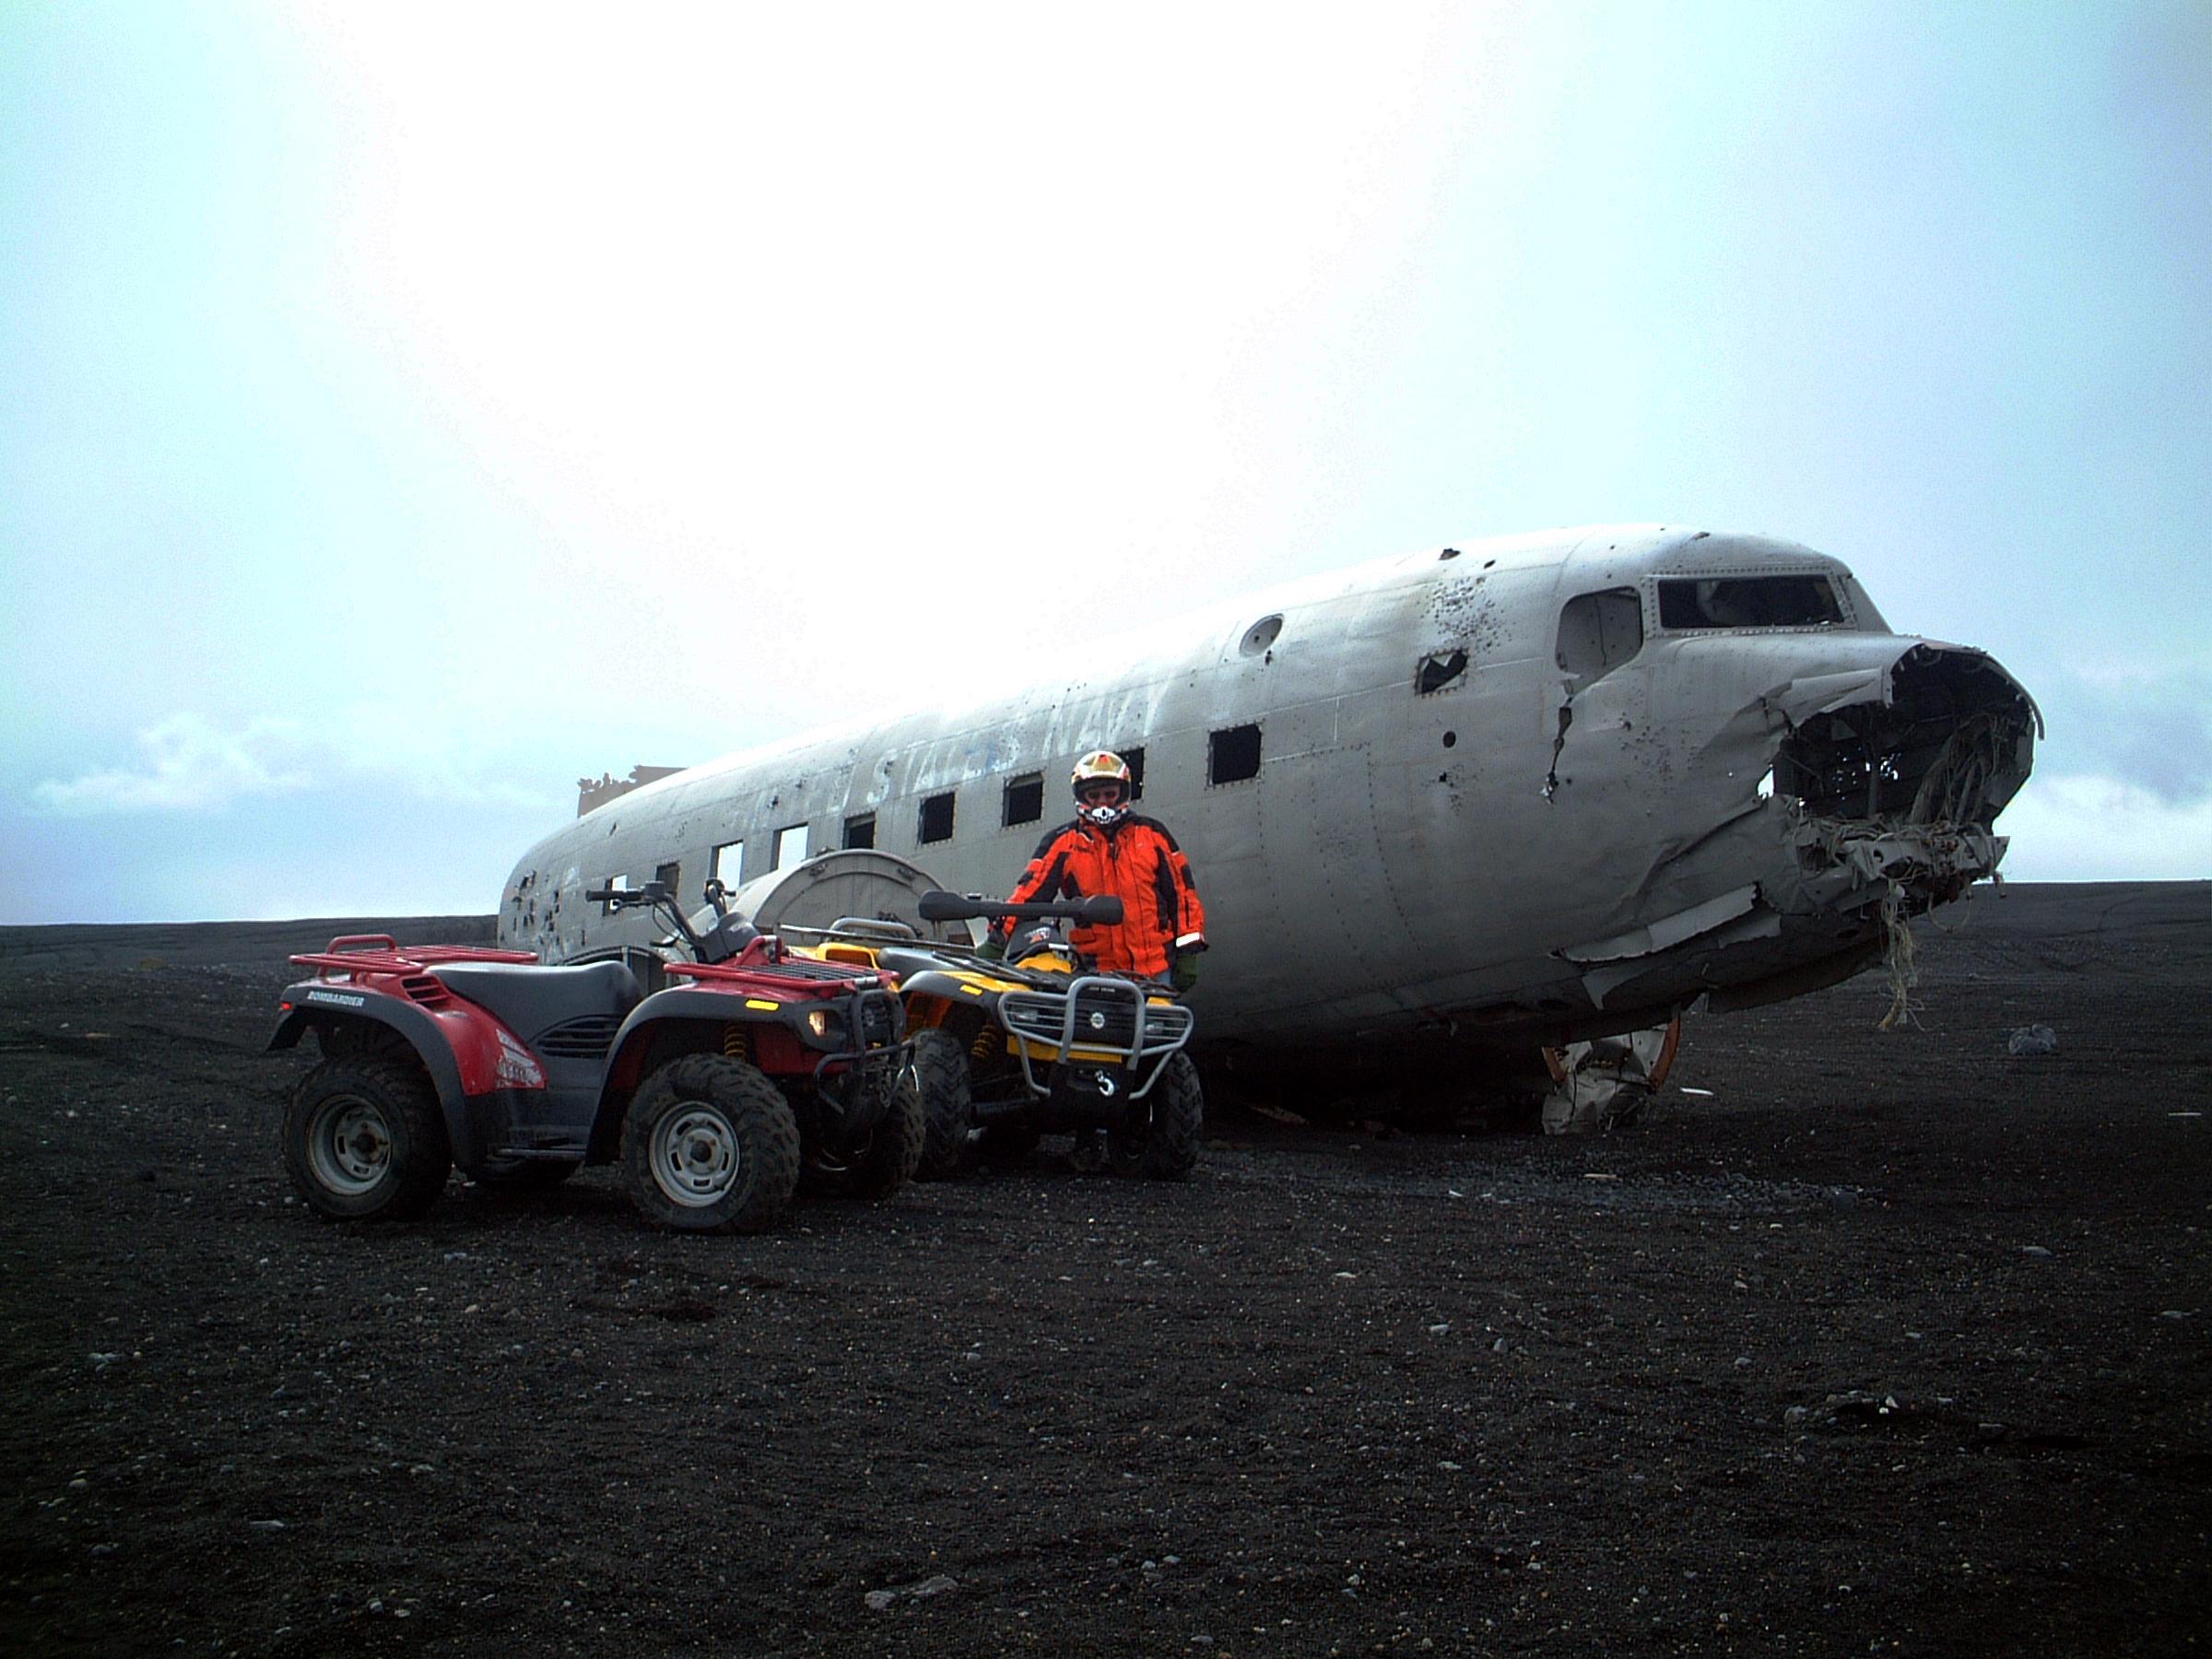 Fahre mit einem kraftvollen Quad zum Flugzeugwrack in Südisland.